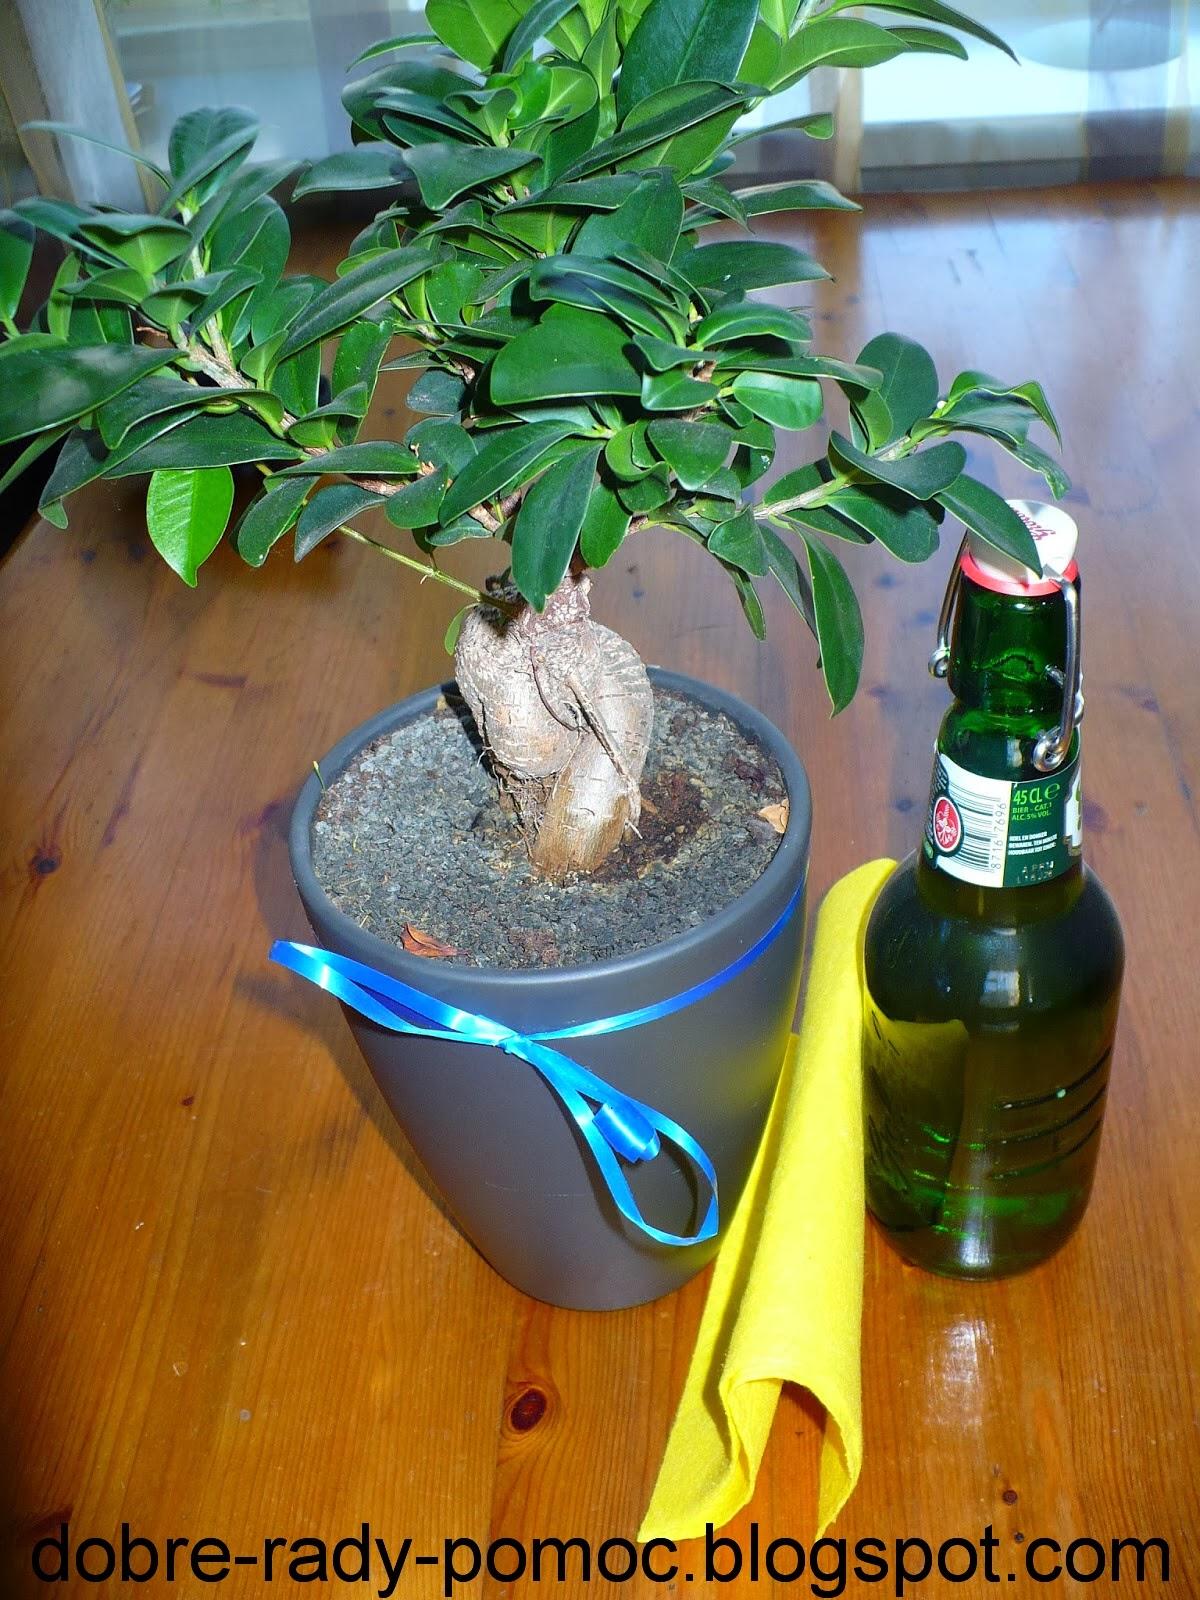 Blog Dobre Rady Pomoc Domowe Sposoby Na Pielęgnację Roślin